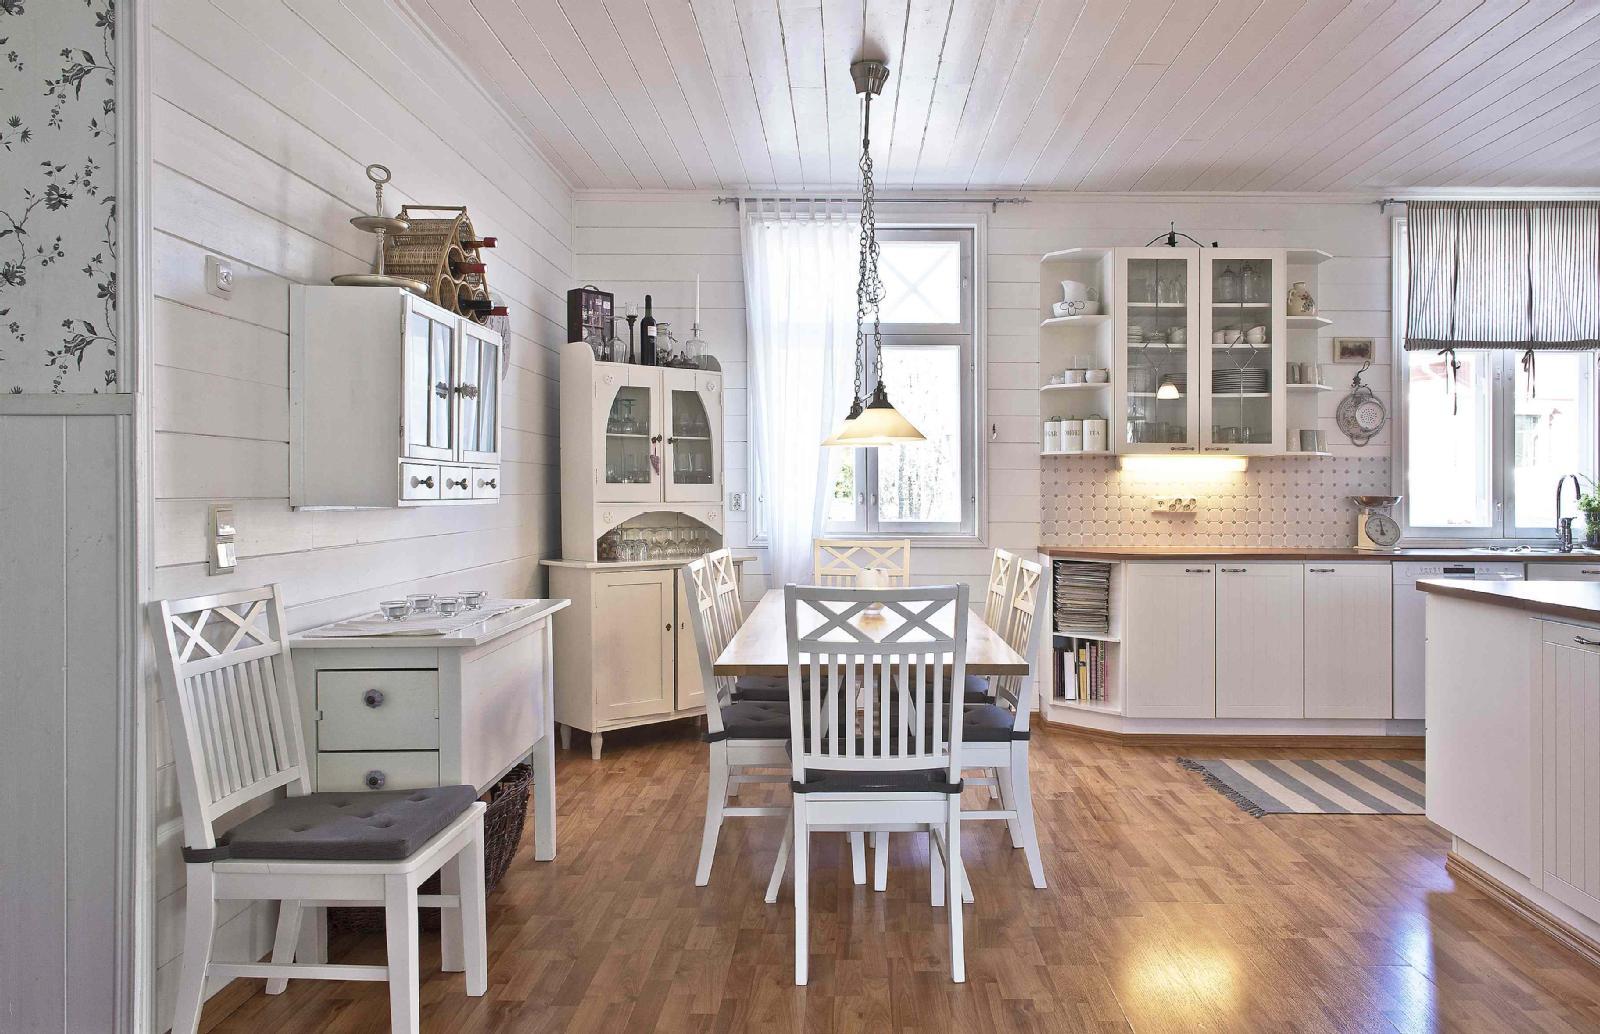 Viihtyisä maalaisromanttinen keittiö  Etuovi com Ideat